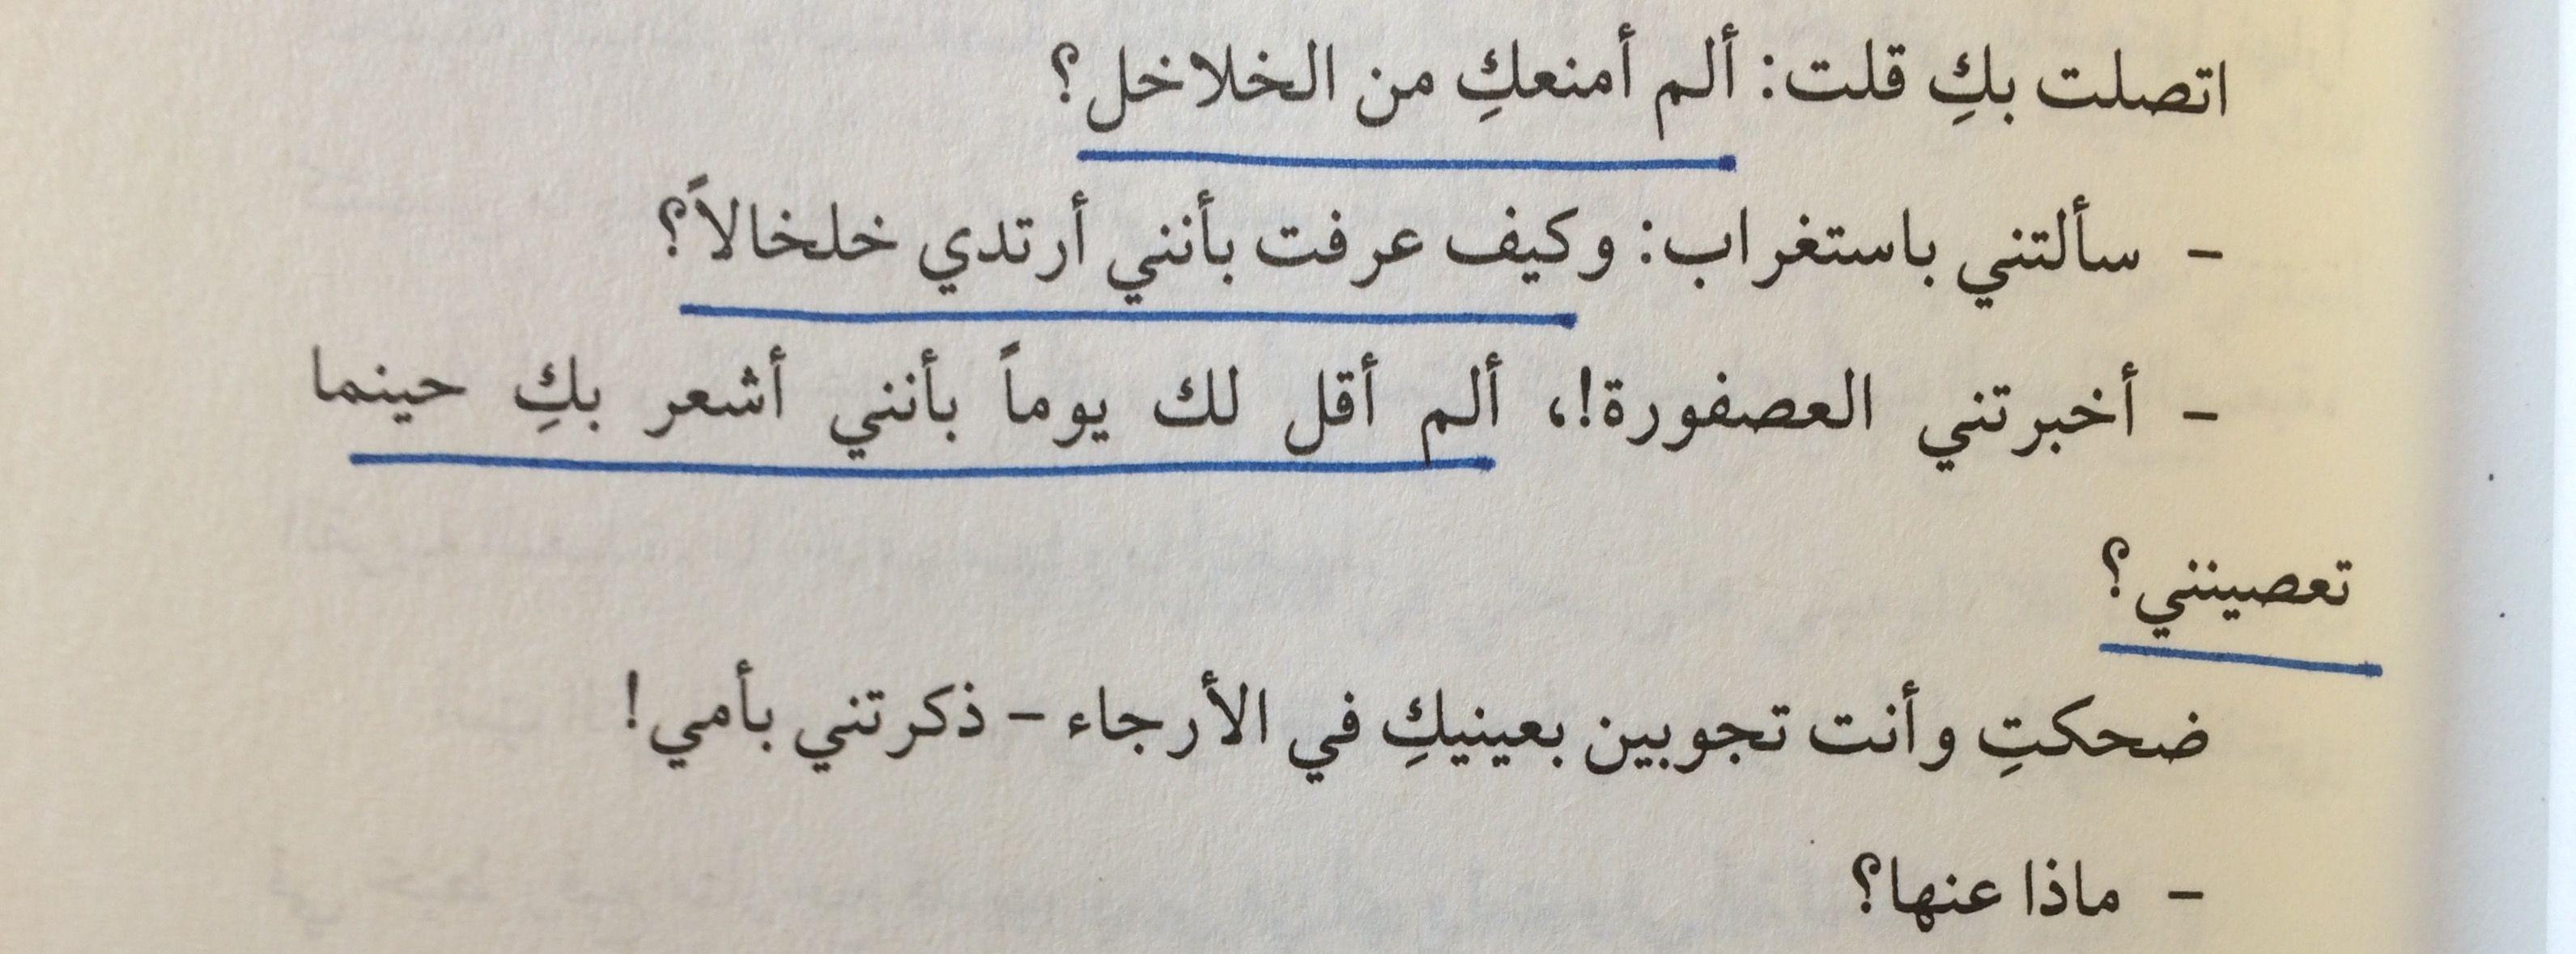 صورة رواية فلتغفري كاملة , من كاتب روايه فلتغفري